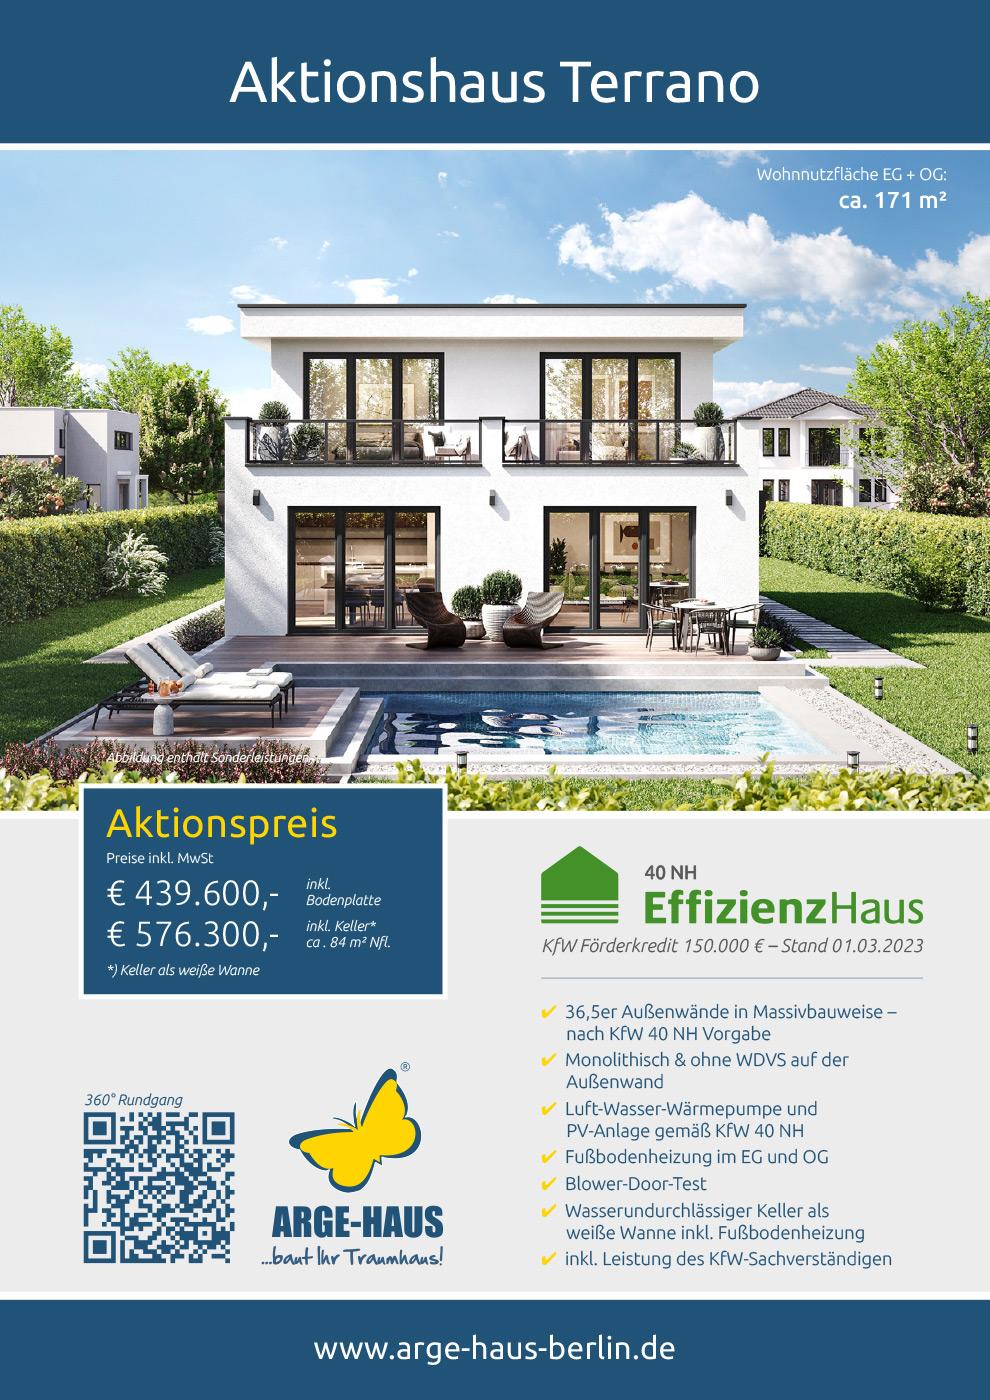 aktionshaus-terrano-1